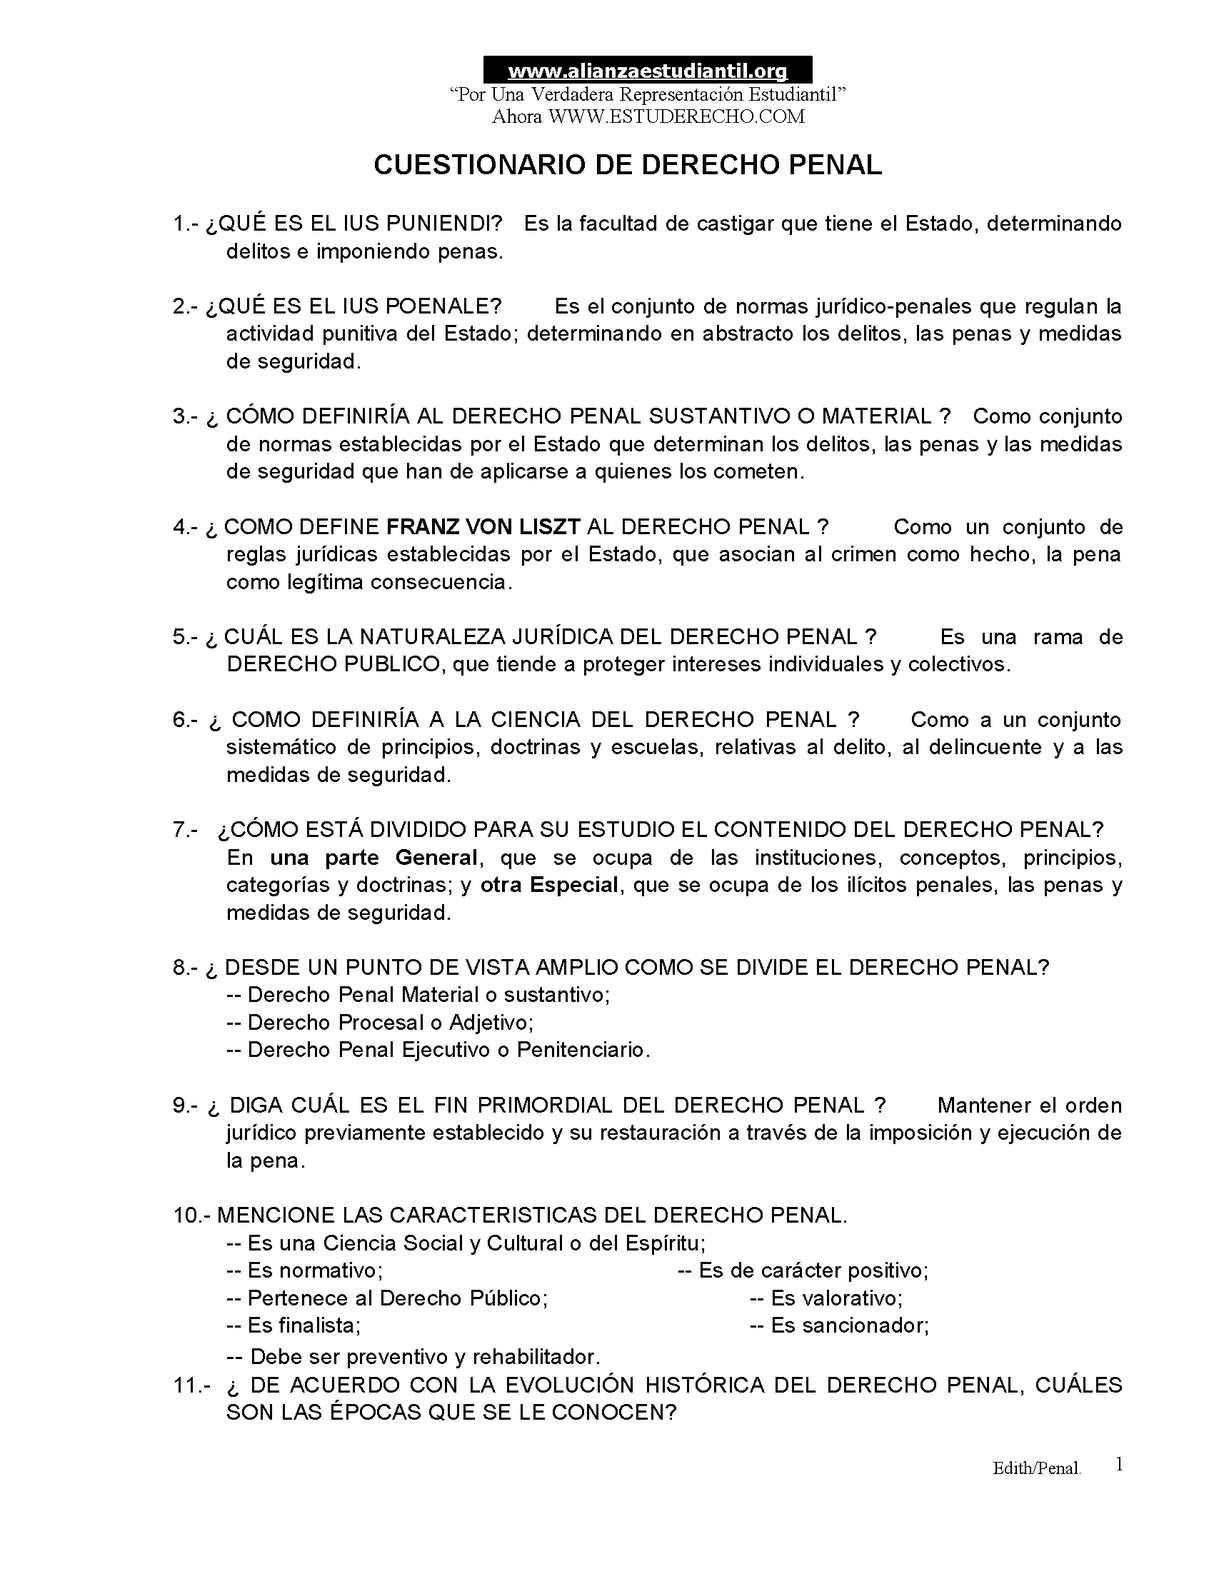 Calaméo - cuestionario derecho_penal1y2